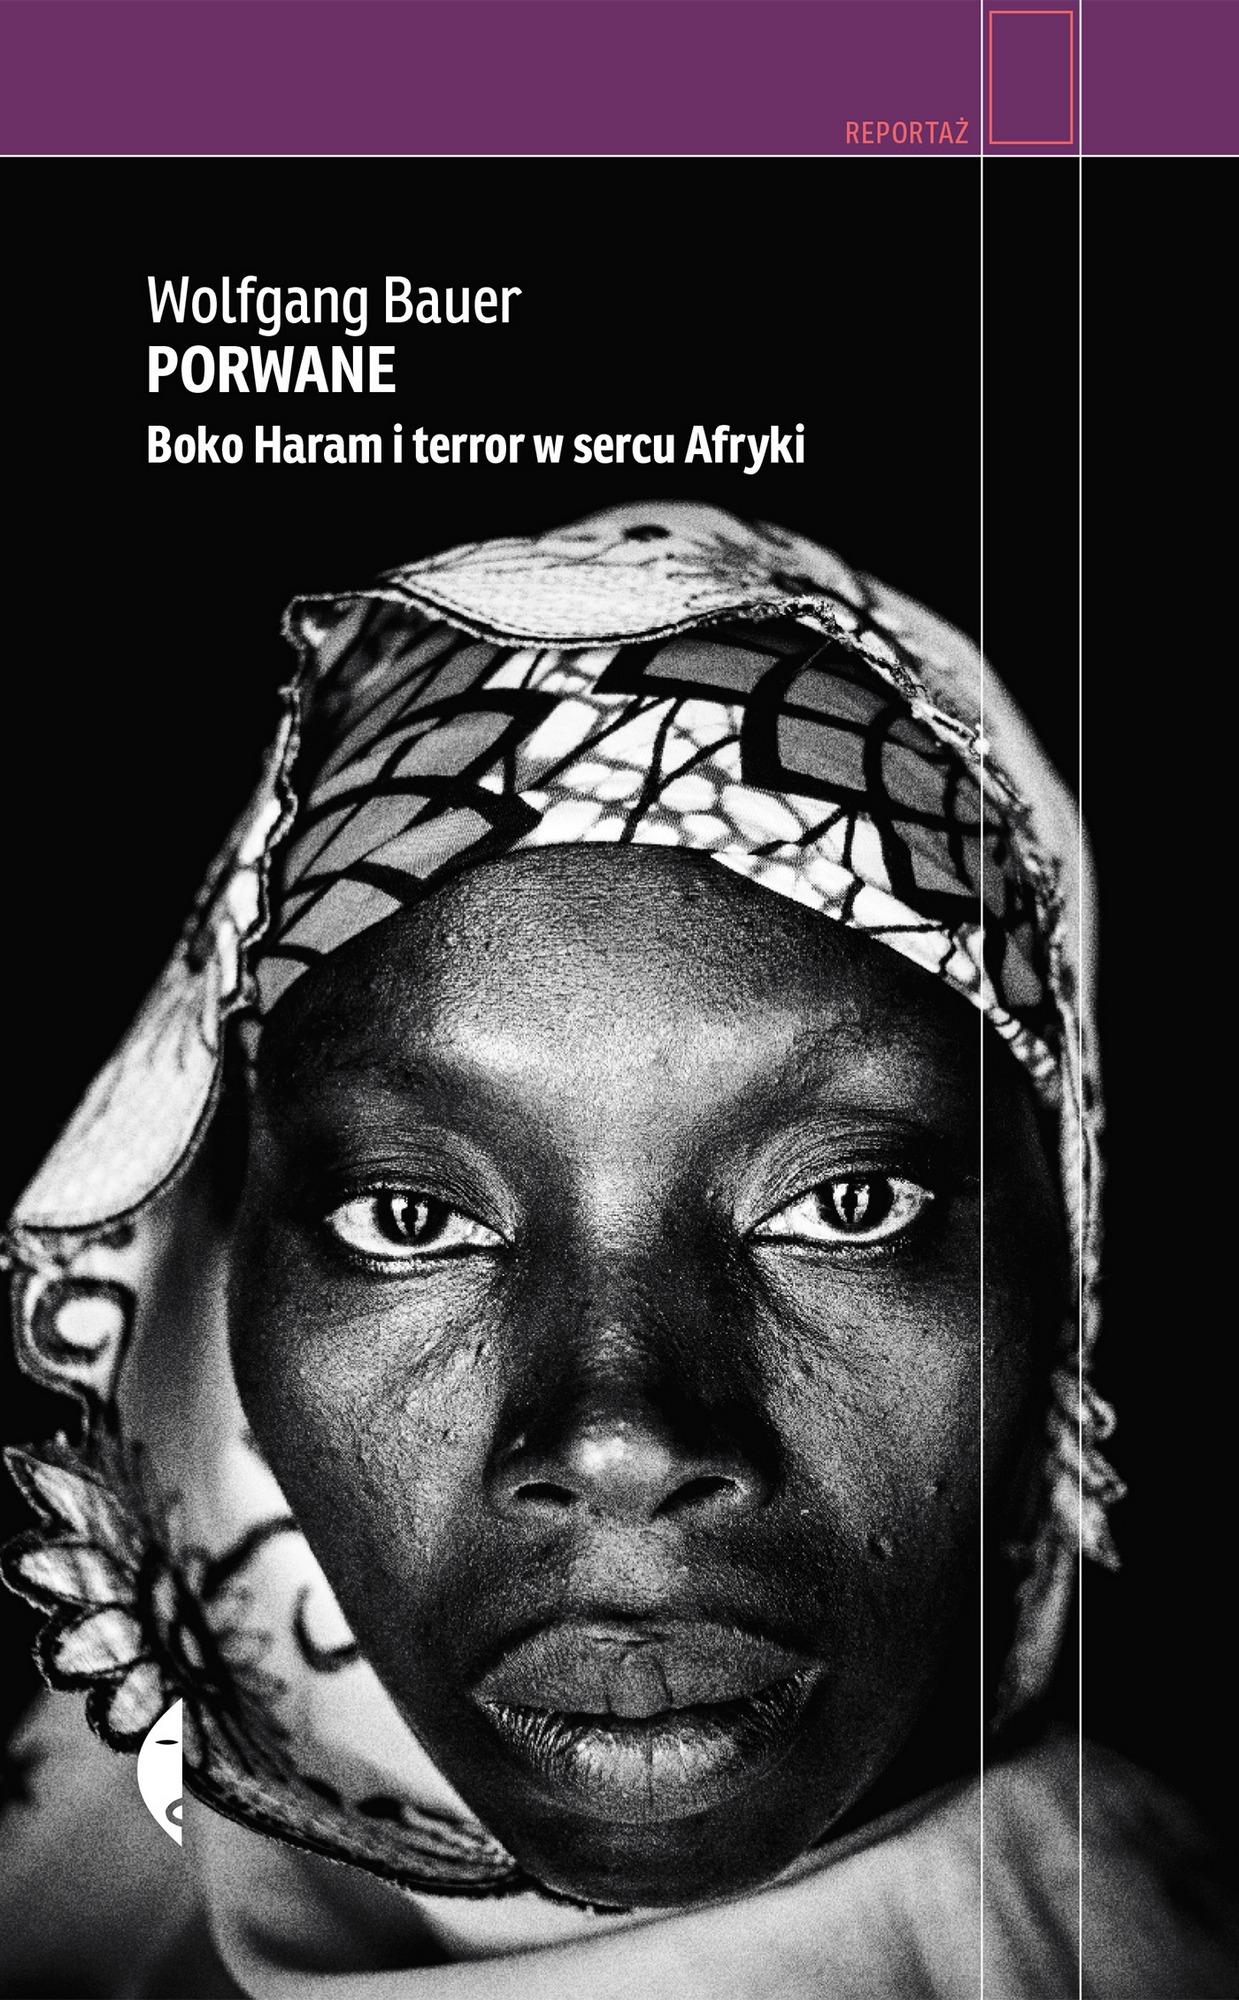 """Wolfgang Bauer, """"Porwane. Boko Haram i terror w sercu Afryki"""" – okładka (źródło: materiały prasowe wydawcy)"""